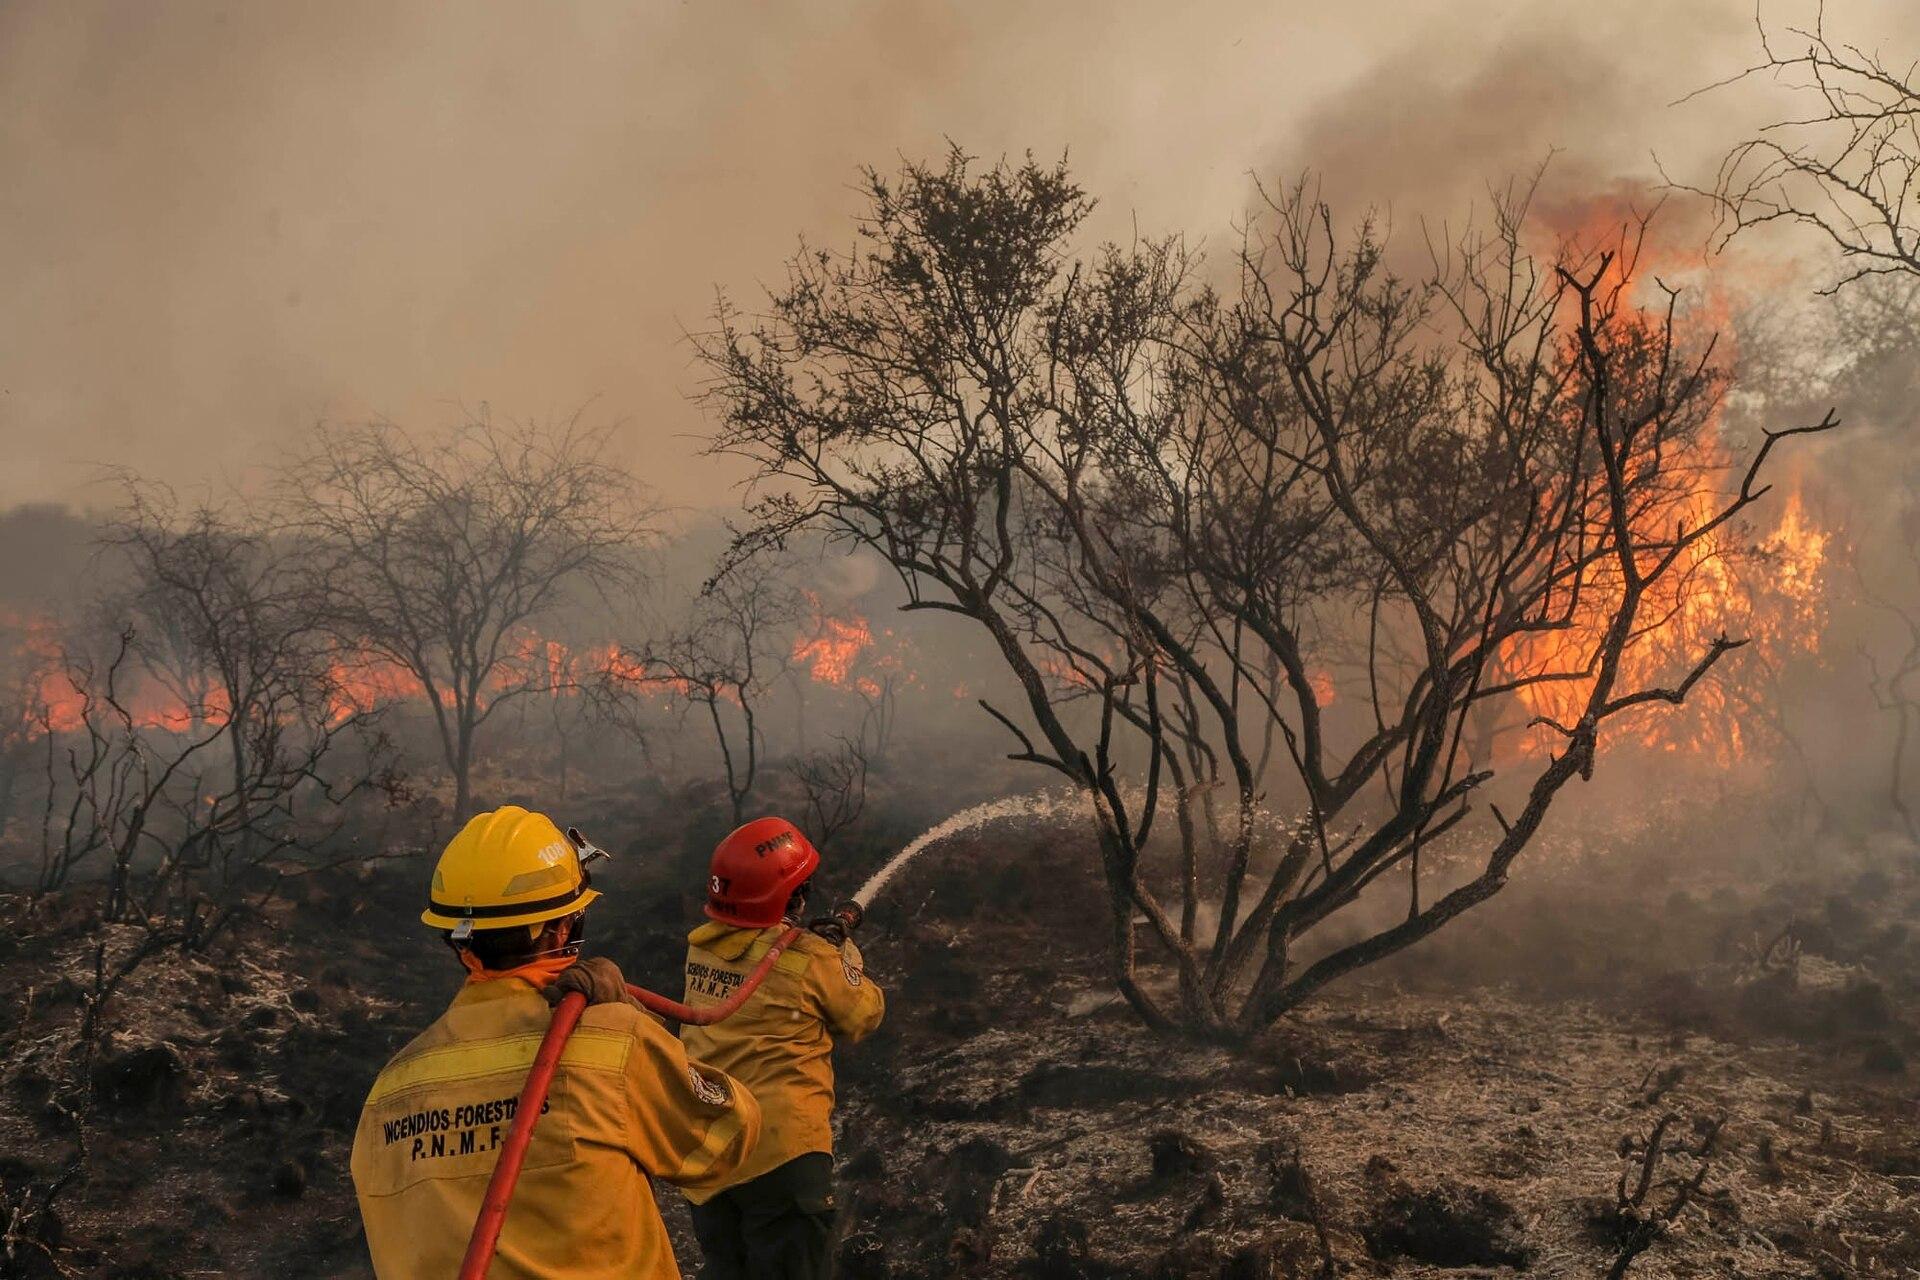 Incendio forestal en la zona de Mina Clavero, Córdoba, el 30 de septiembre de 2019.